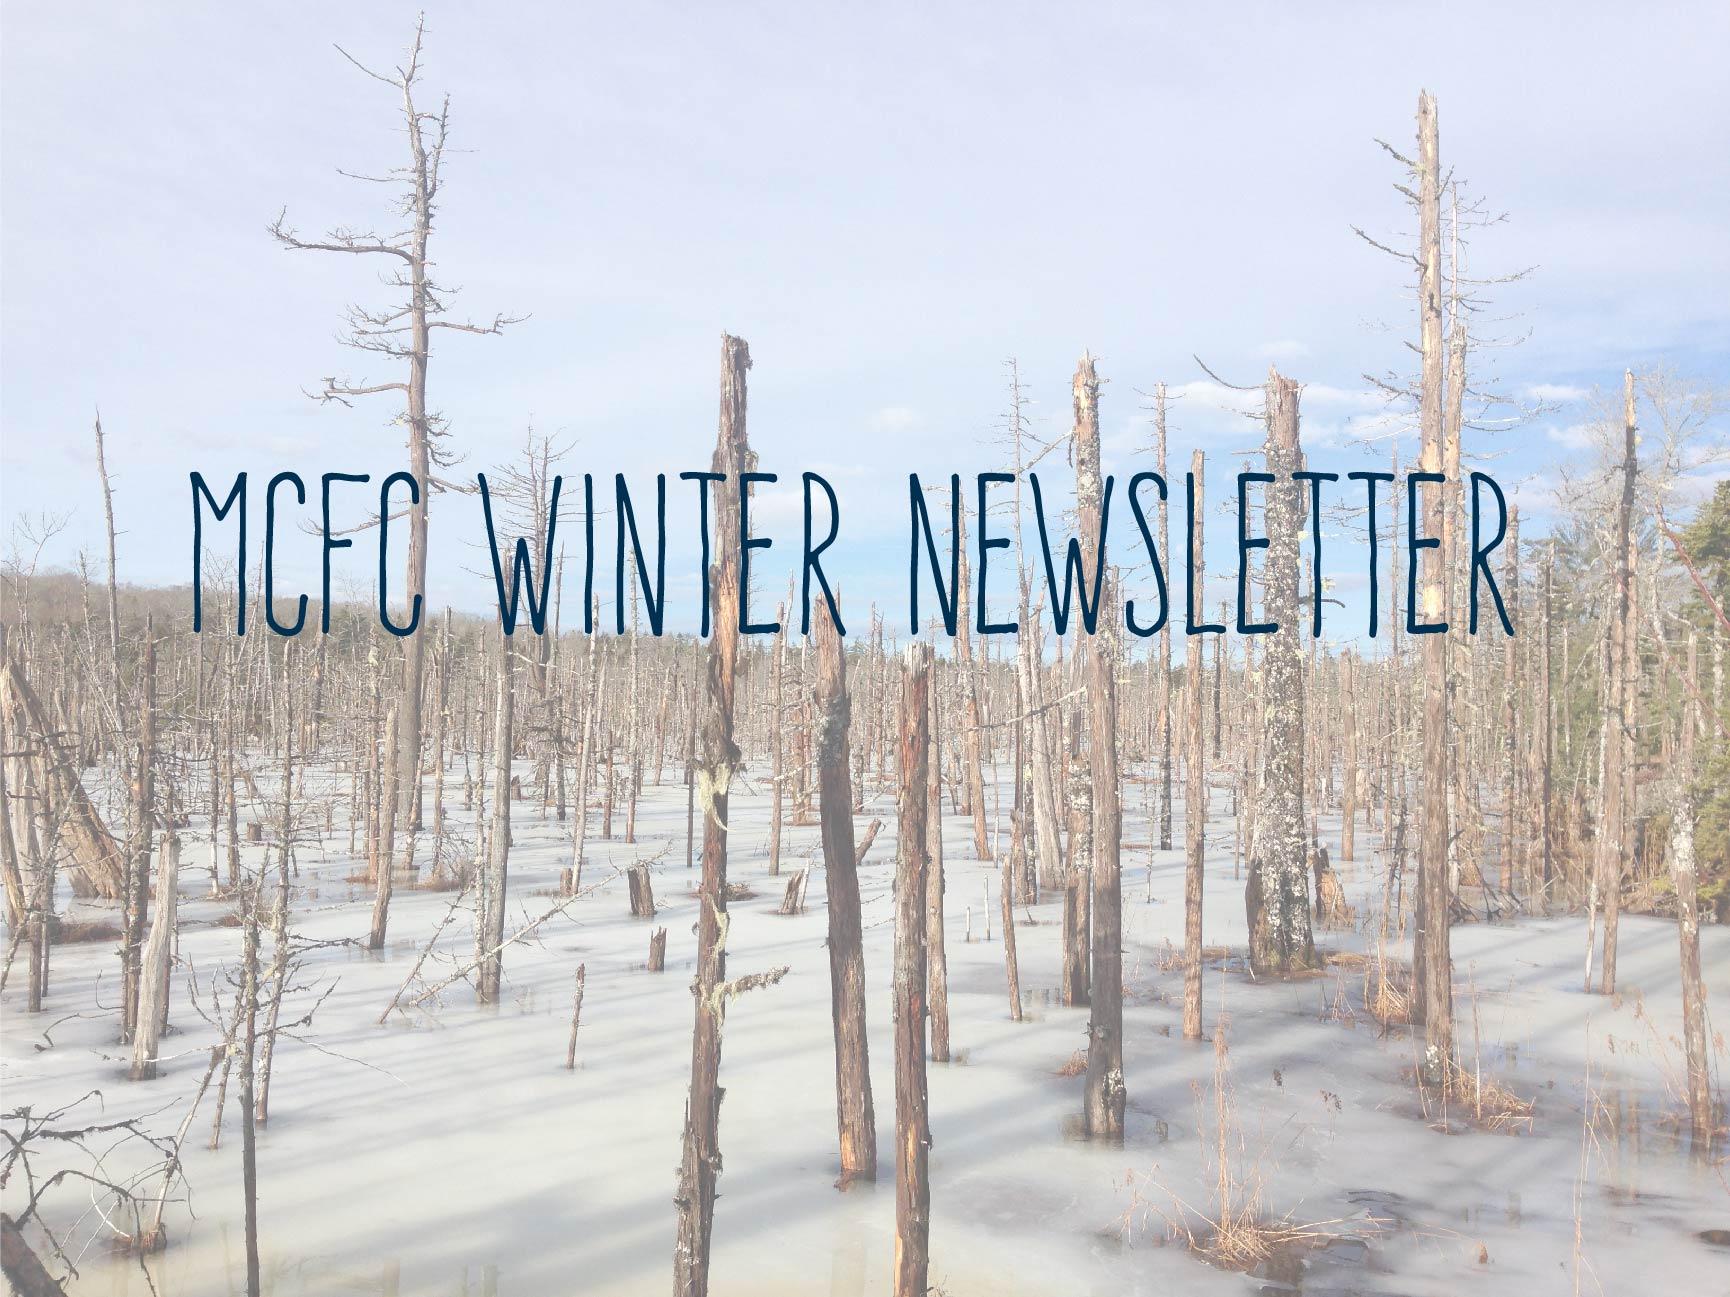 winternewslettergraphic.jpg